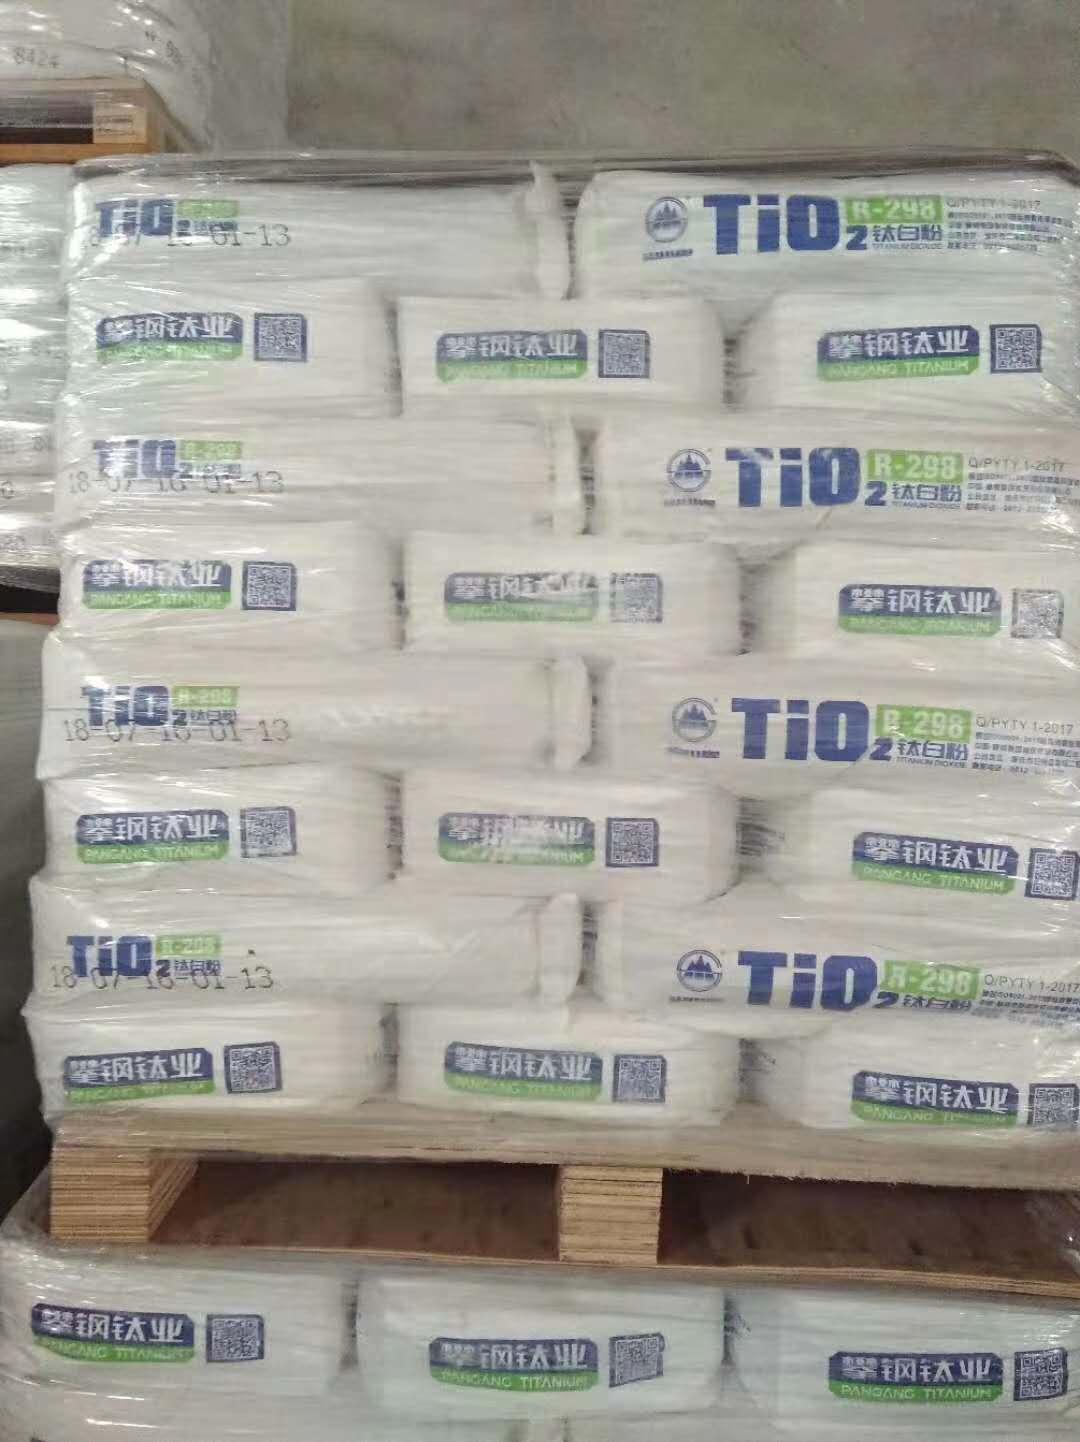 浙江原装进口国产钛白粉销售_国产钛白粉供应商相关-济南济裕钛白化工有限公司